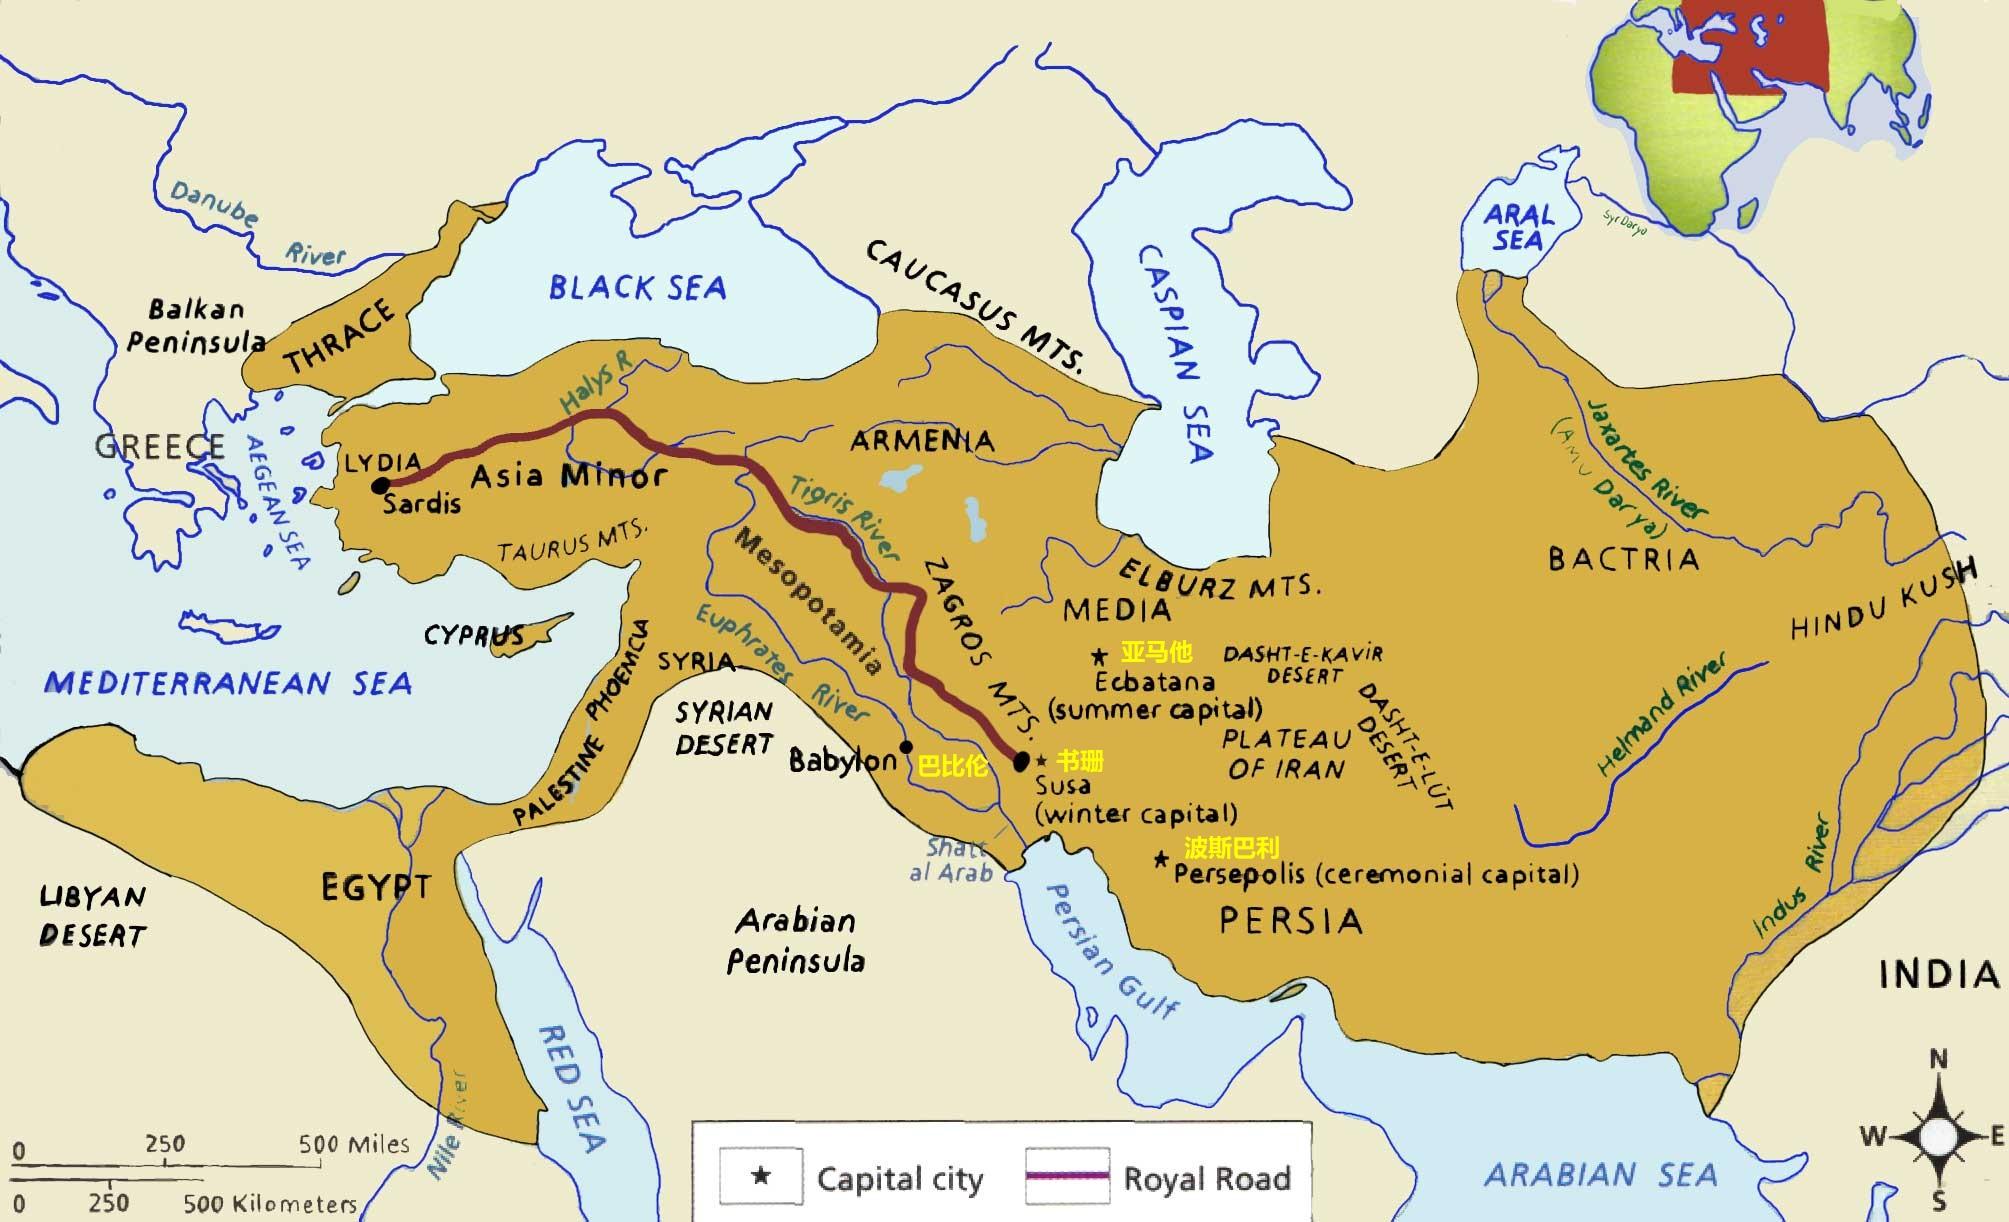 上图:波斯阿契美尼德帝国共有四个王都:波斯巴利、巴比伦、书珊和亚马他。波斯王夏季在北部高地的亚马他城避暑,冬季则在西部低地的书珊过冬。